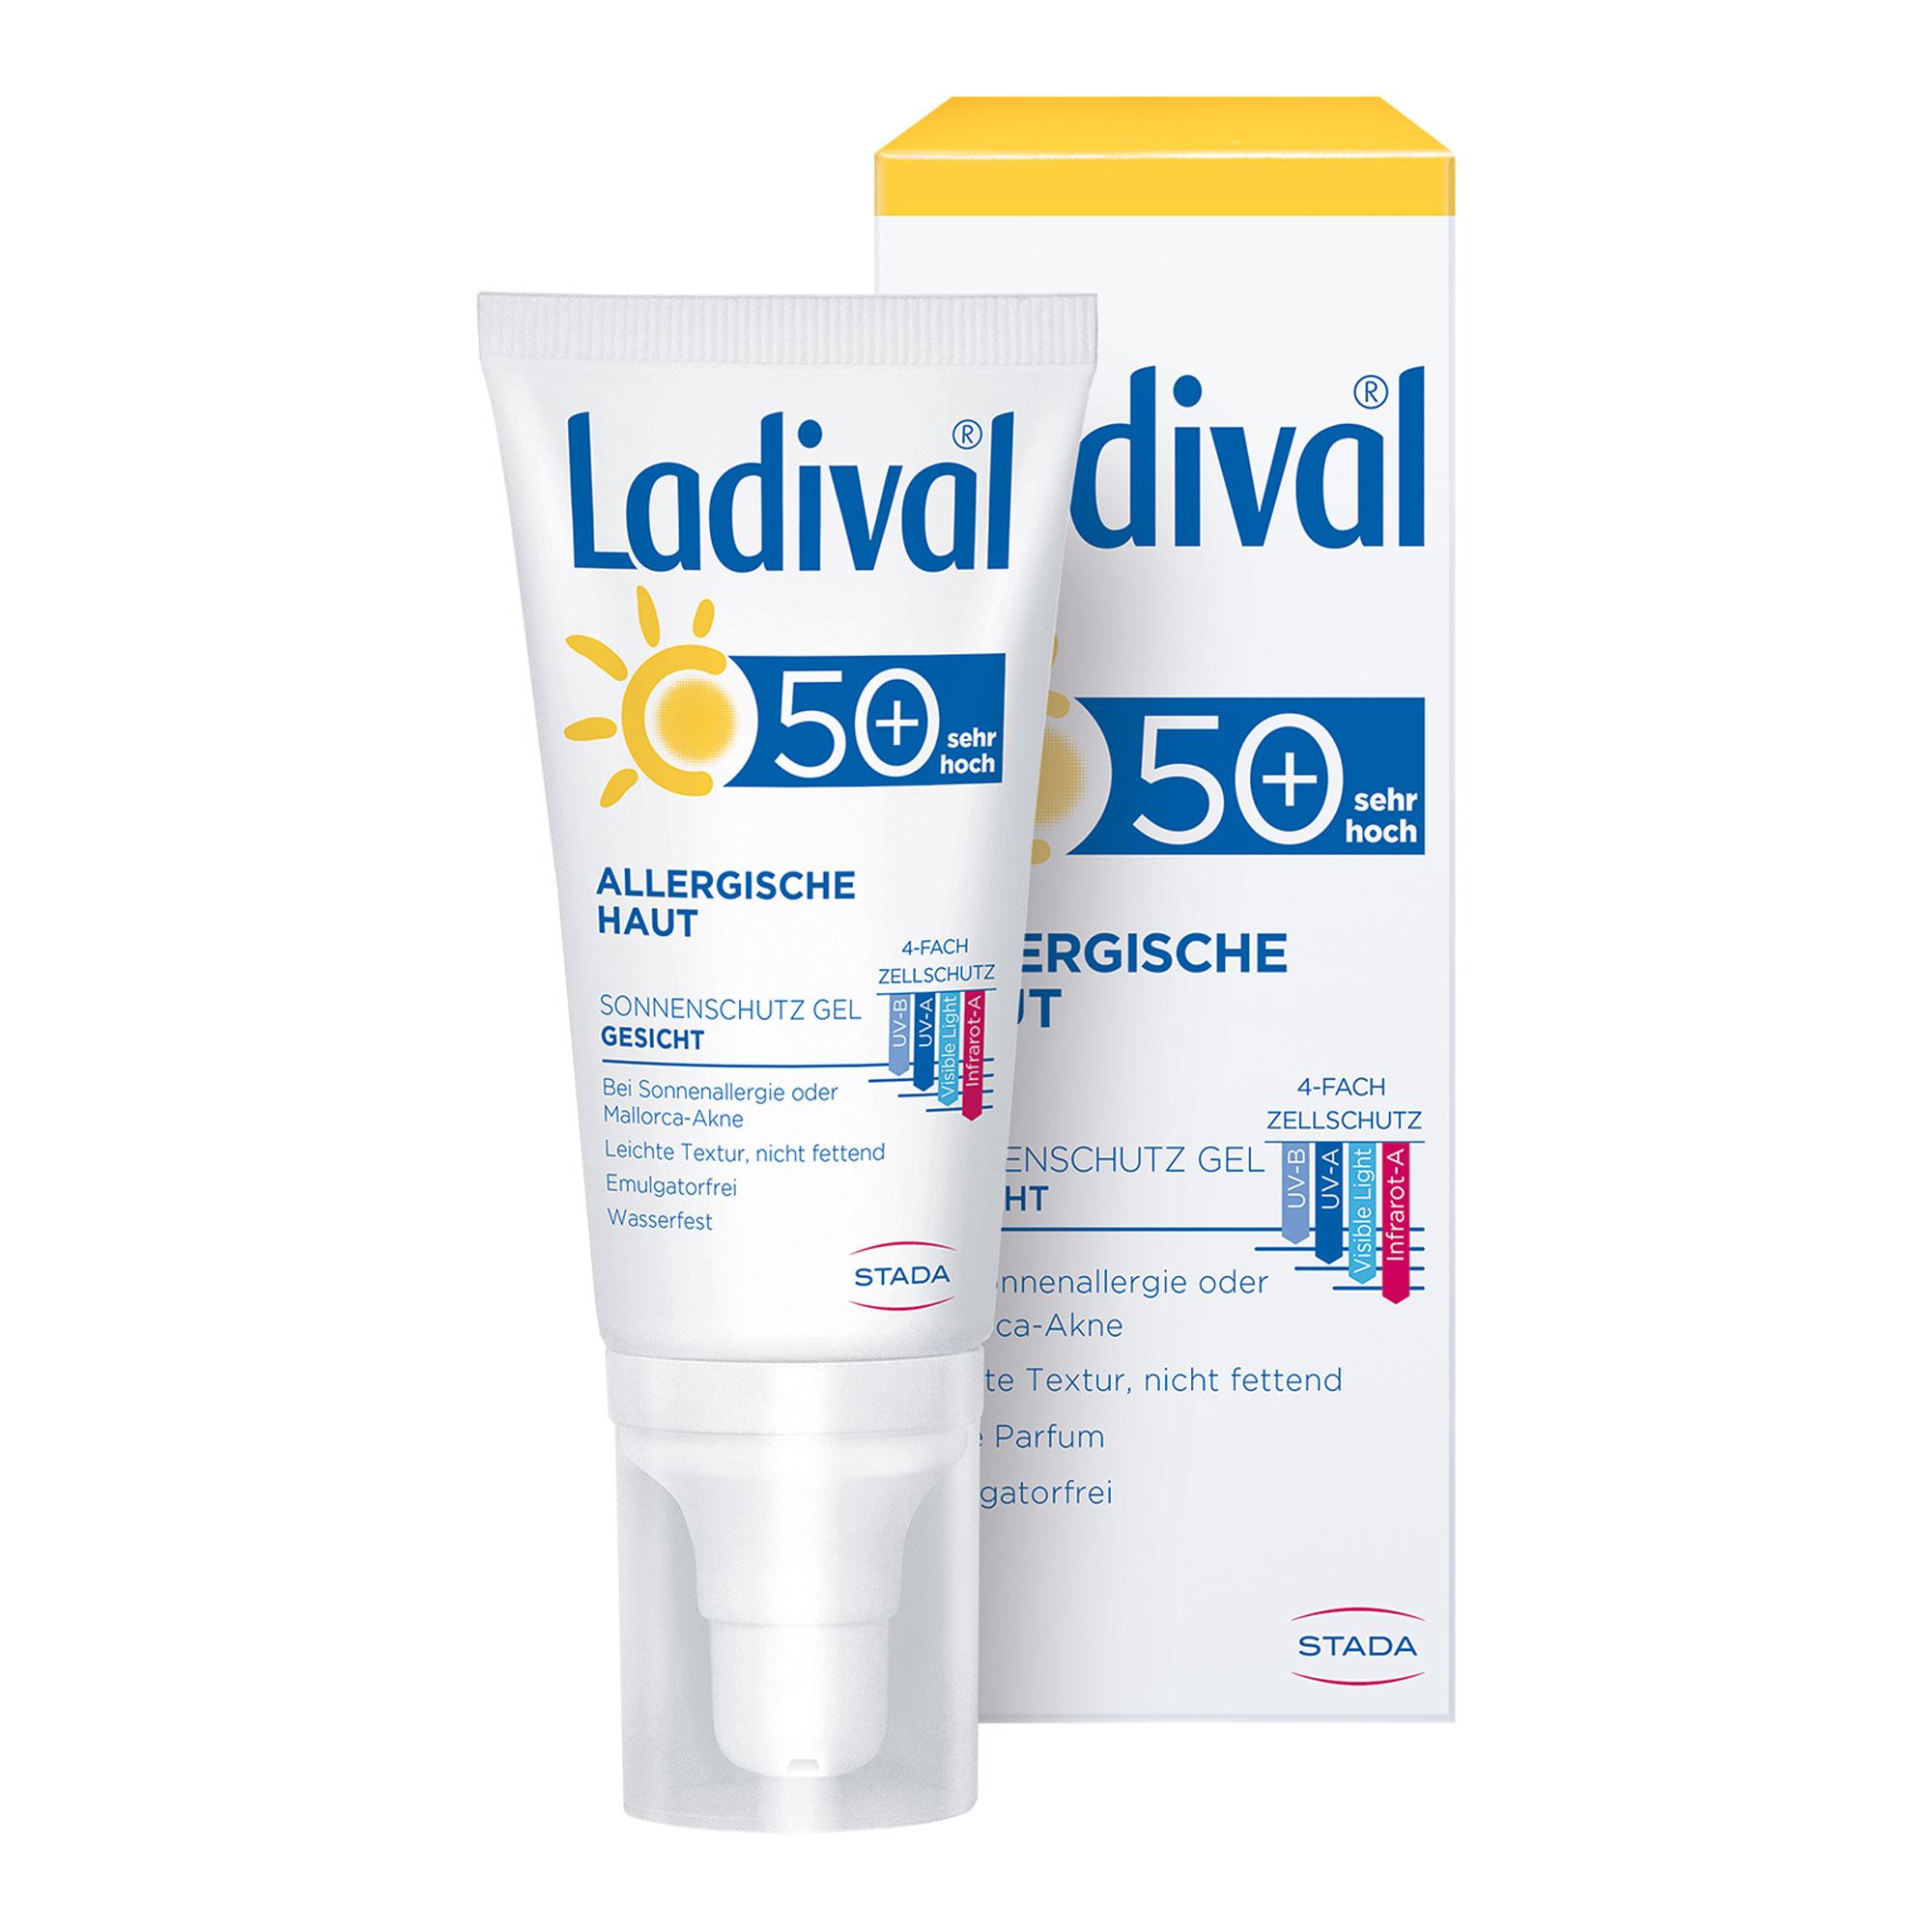 Ladival Allergische Haut Sonnenschutz Gel Gesicht LSF 50+